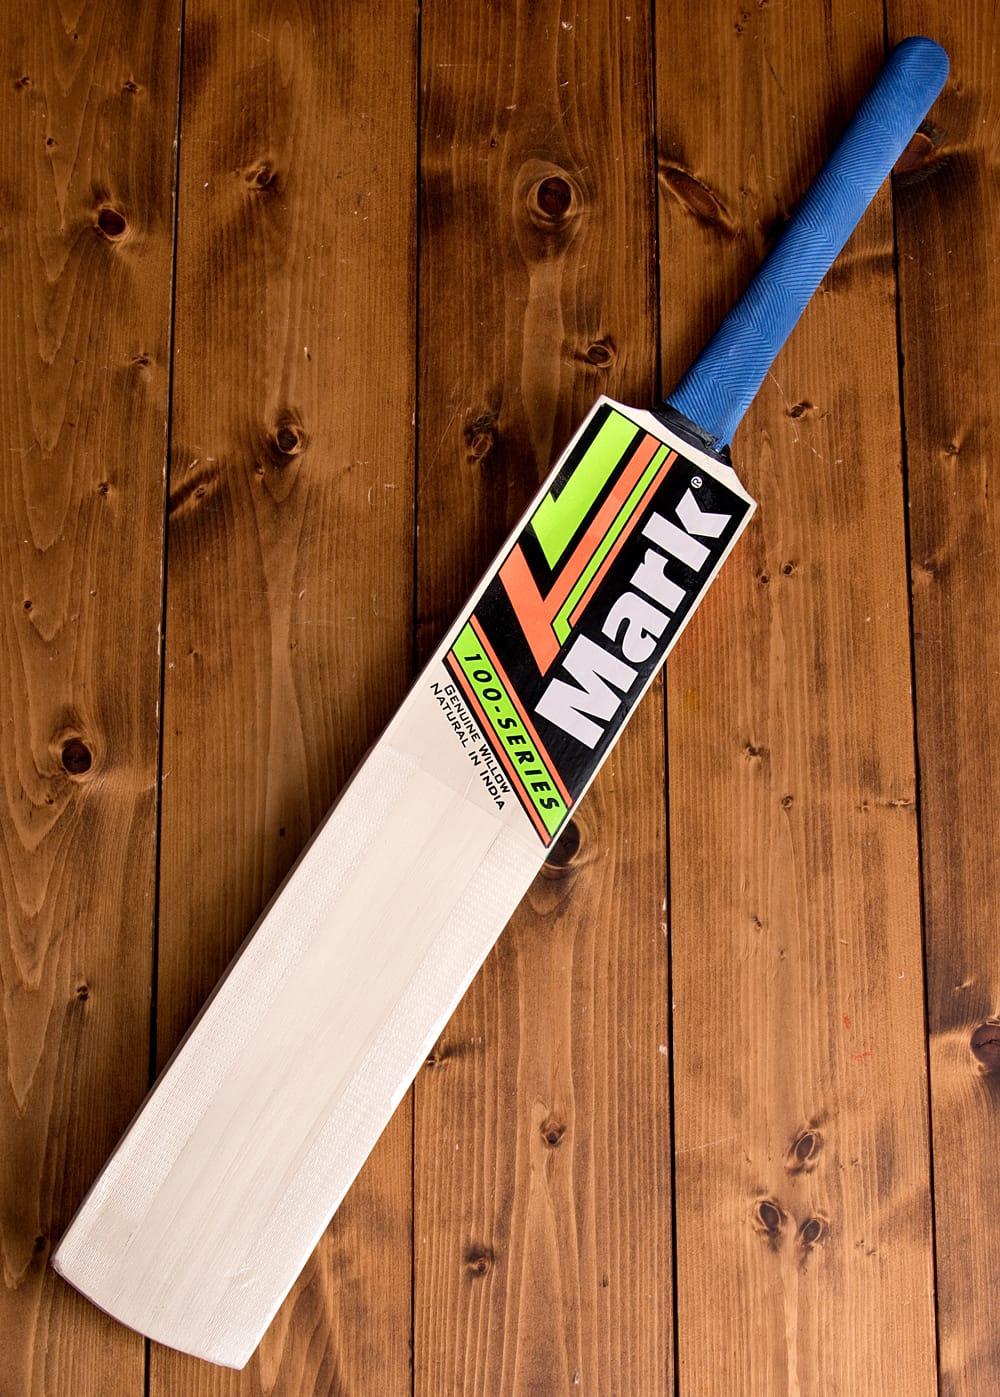 クリケットバット - Mark 100 seriesの写真